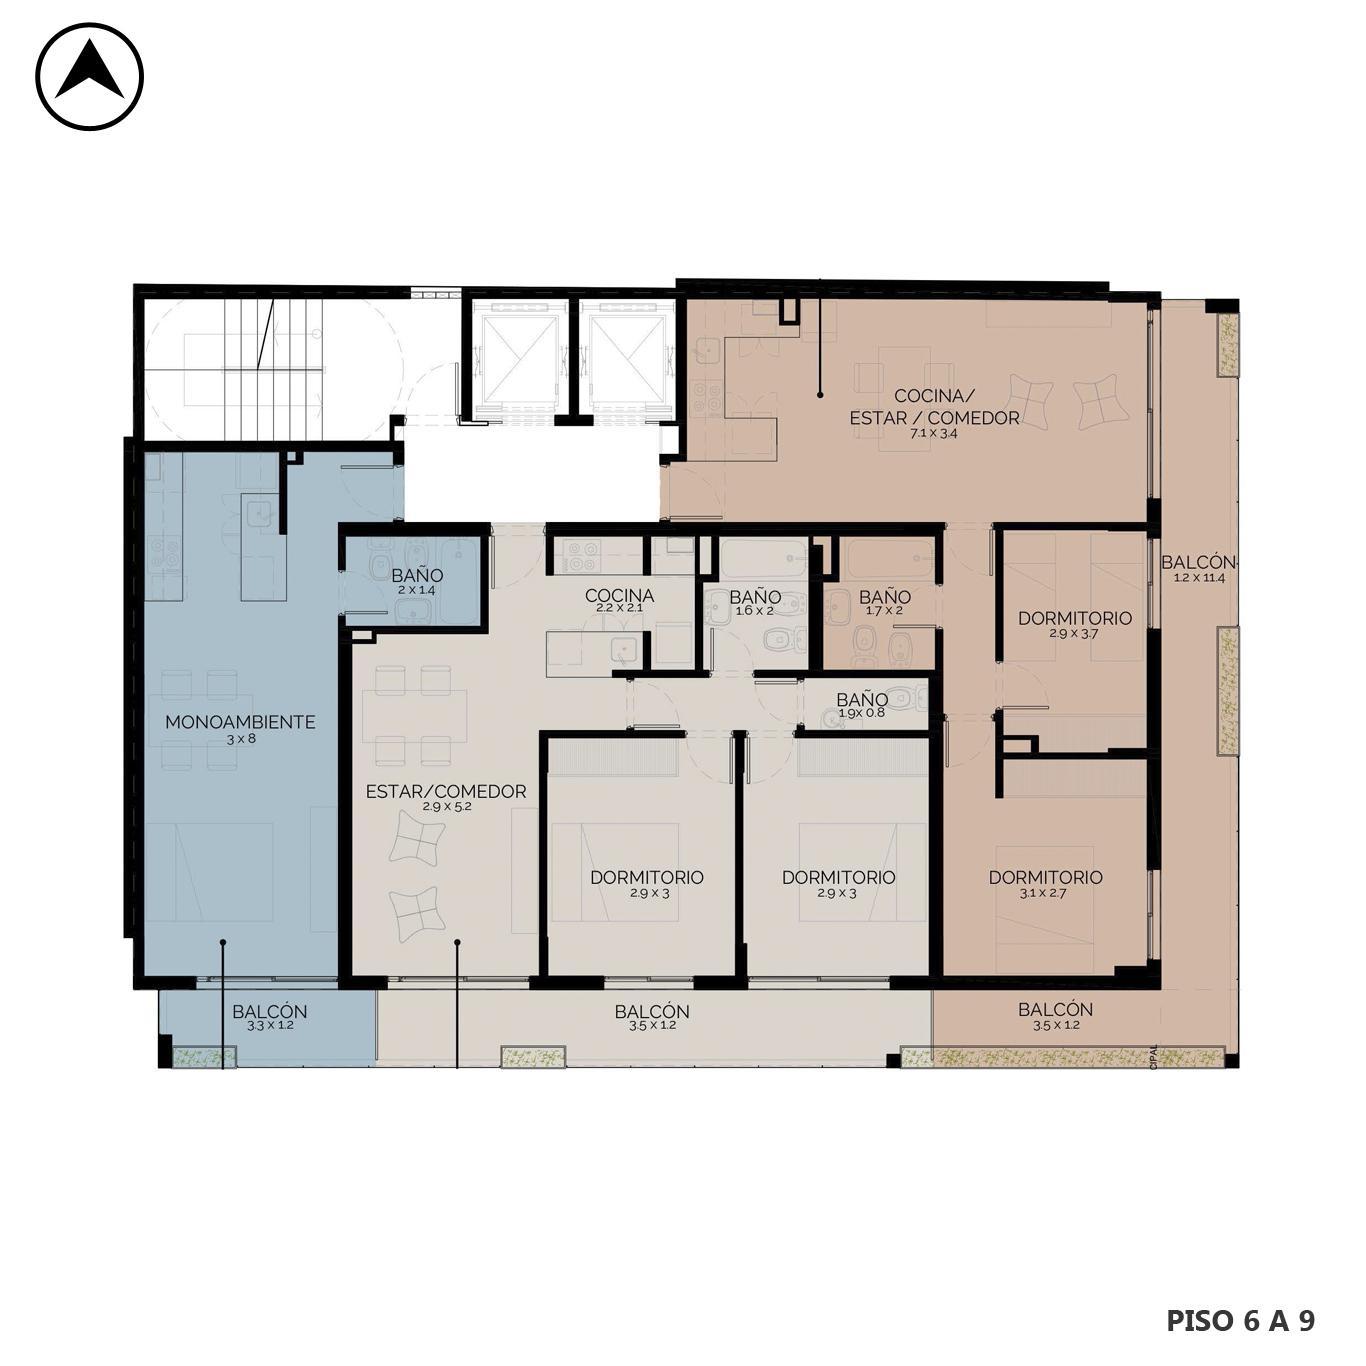 Venta departamento 2 dormitorios Rosario, República De La Sexta. Cod CBU24834 AP2314120. Crestale Propiedades